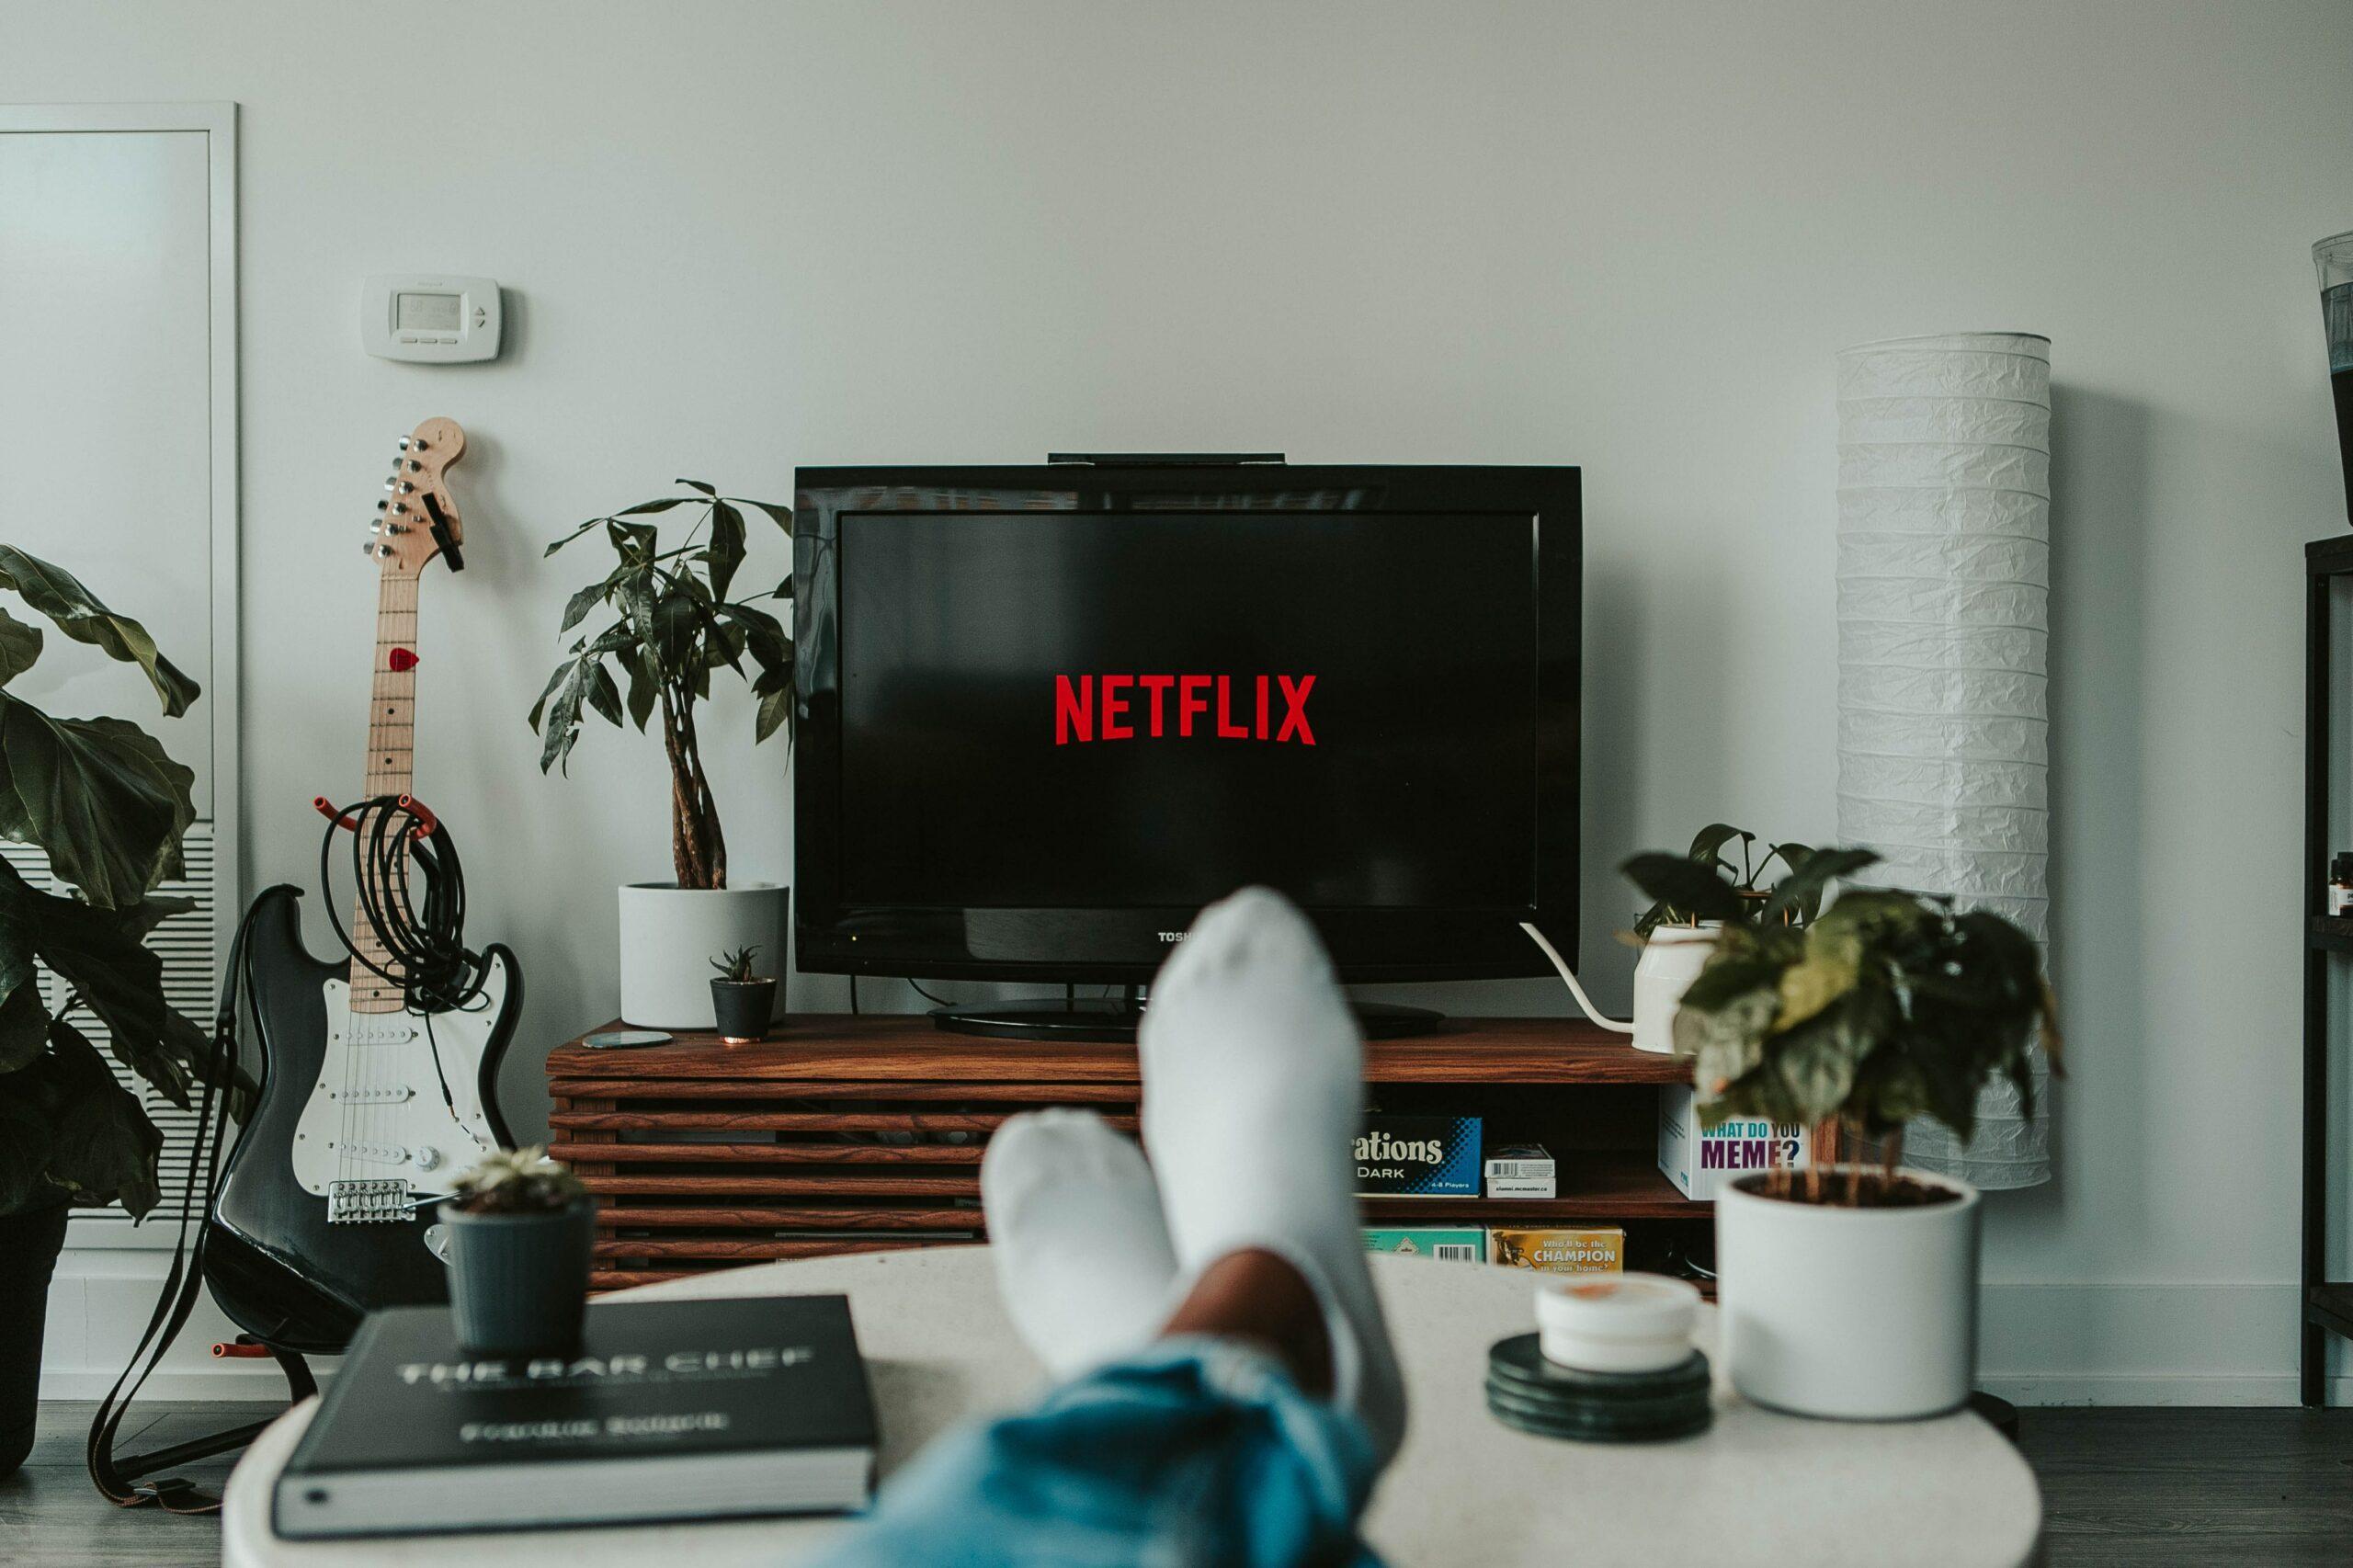 Netflix ainda é um streaming muito popular